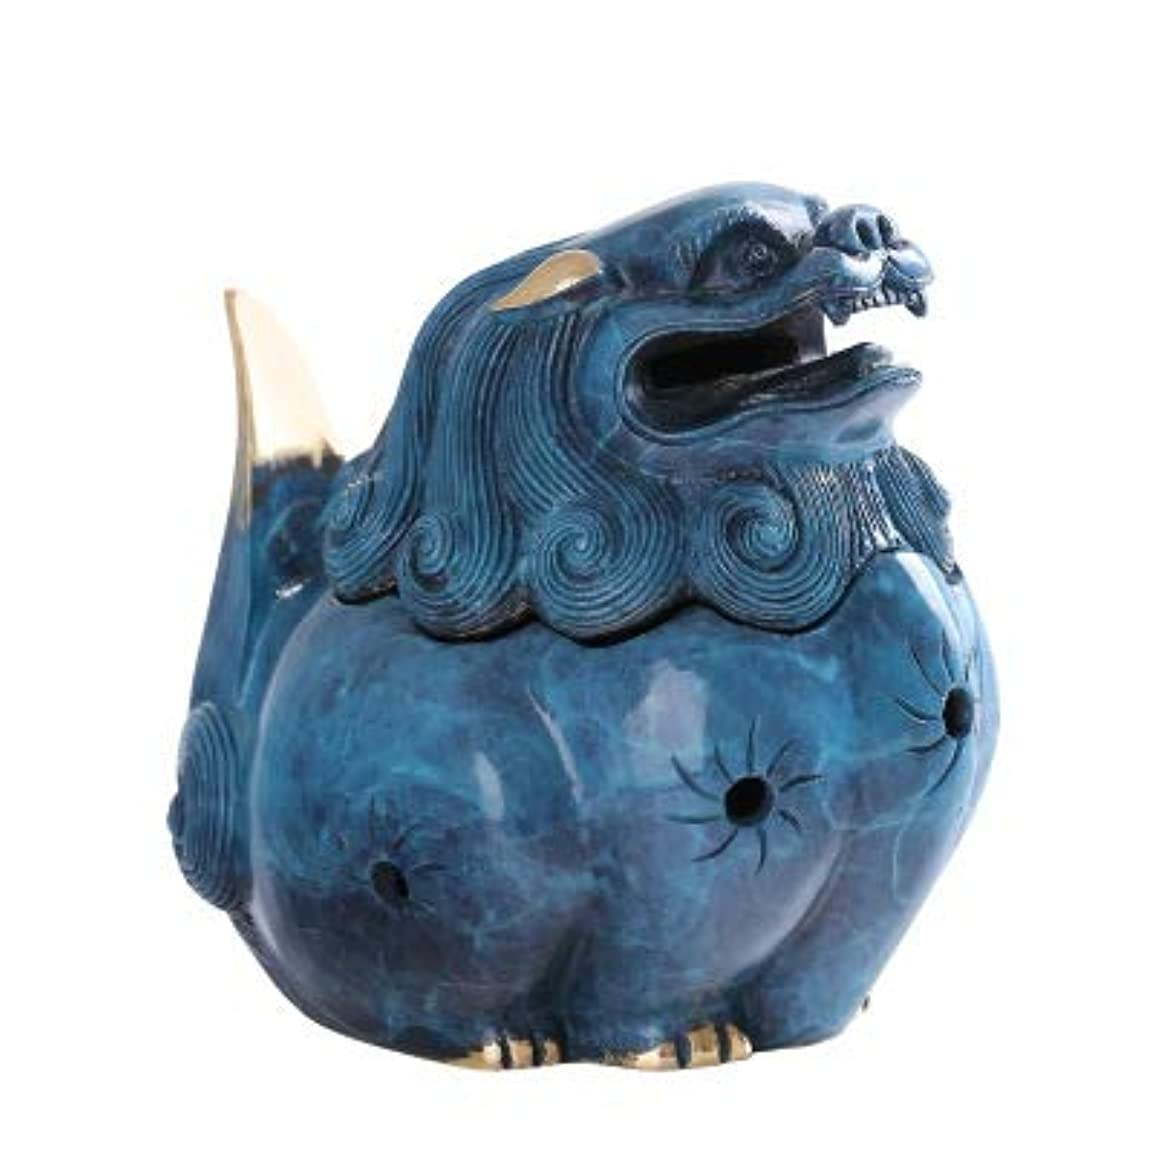 失望させる無謀太鼓腹PHILOGOD 陶器香炉 ストーンライオンスタイリング仏壇用香置物 逆流香 倒流香 香皿